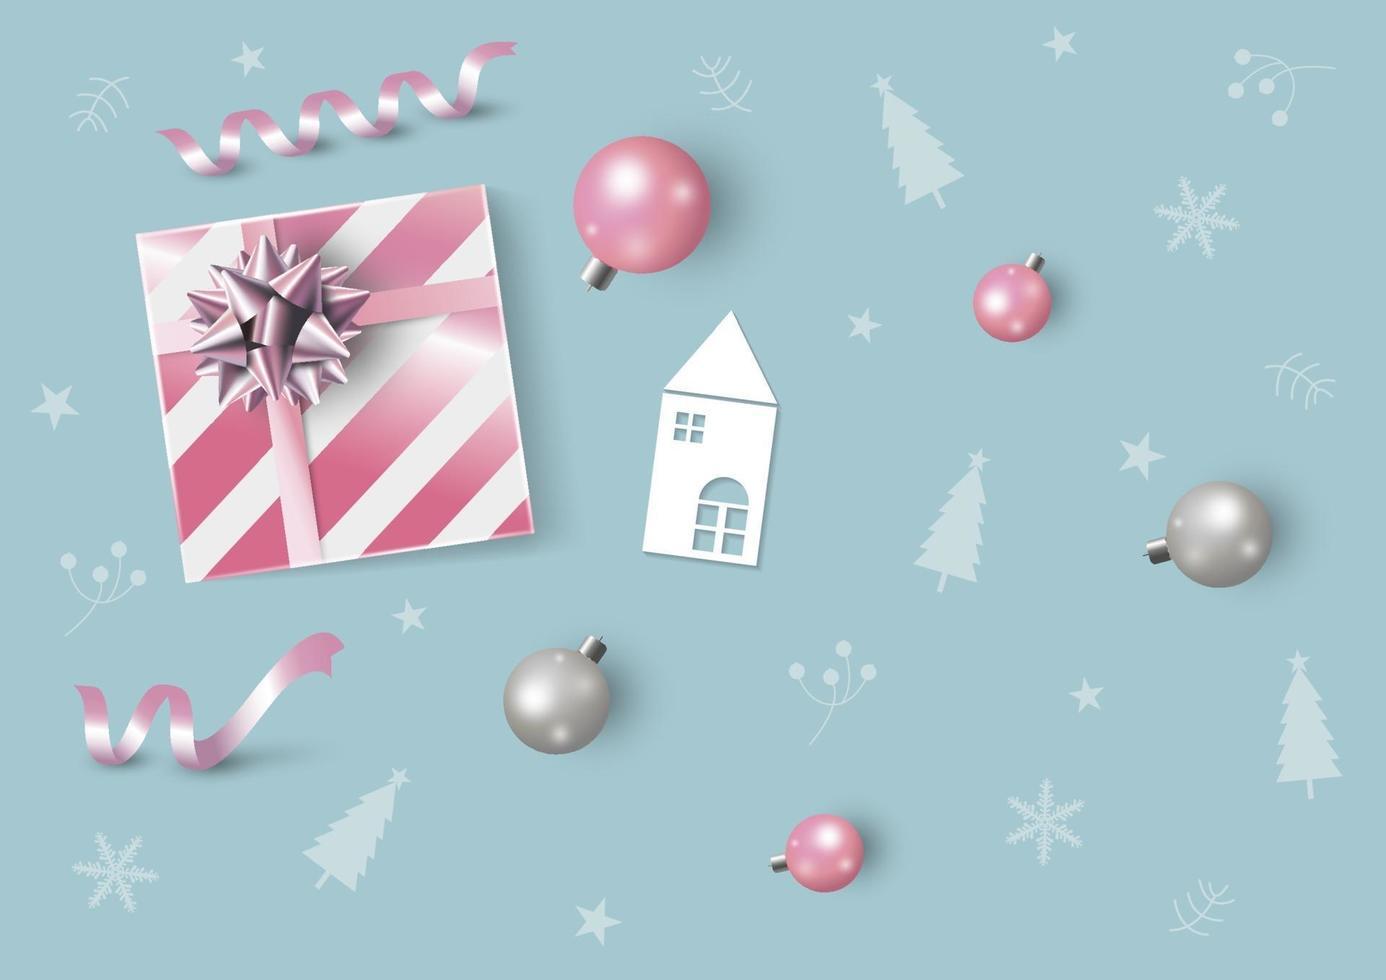 Weihnachts- und Neujahrsentwurf der rosa Geschenkbox und der Weihnachtsball-Vektorillustration vektor